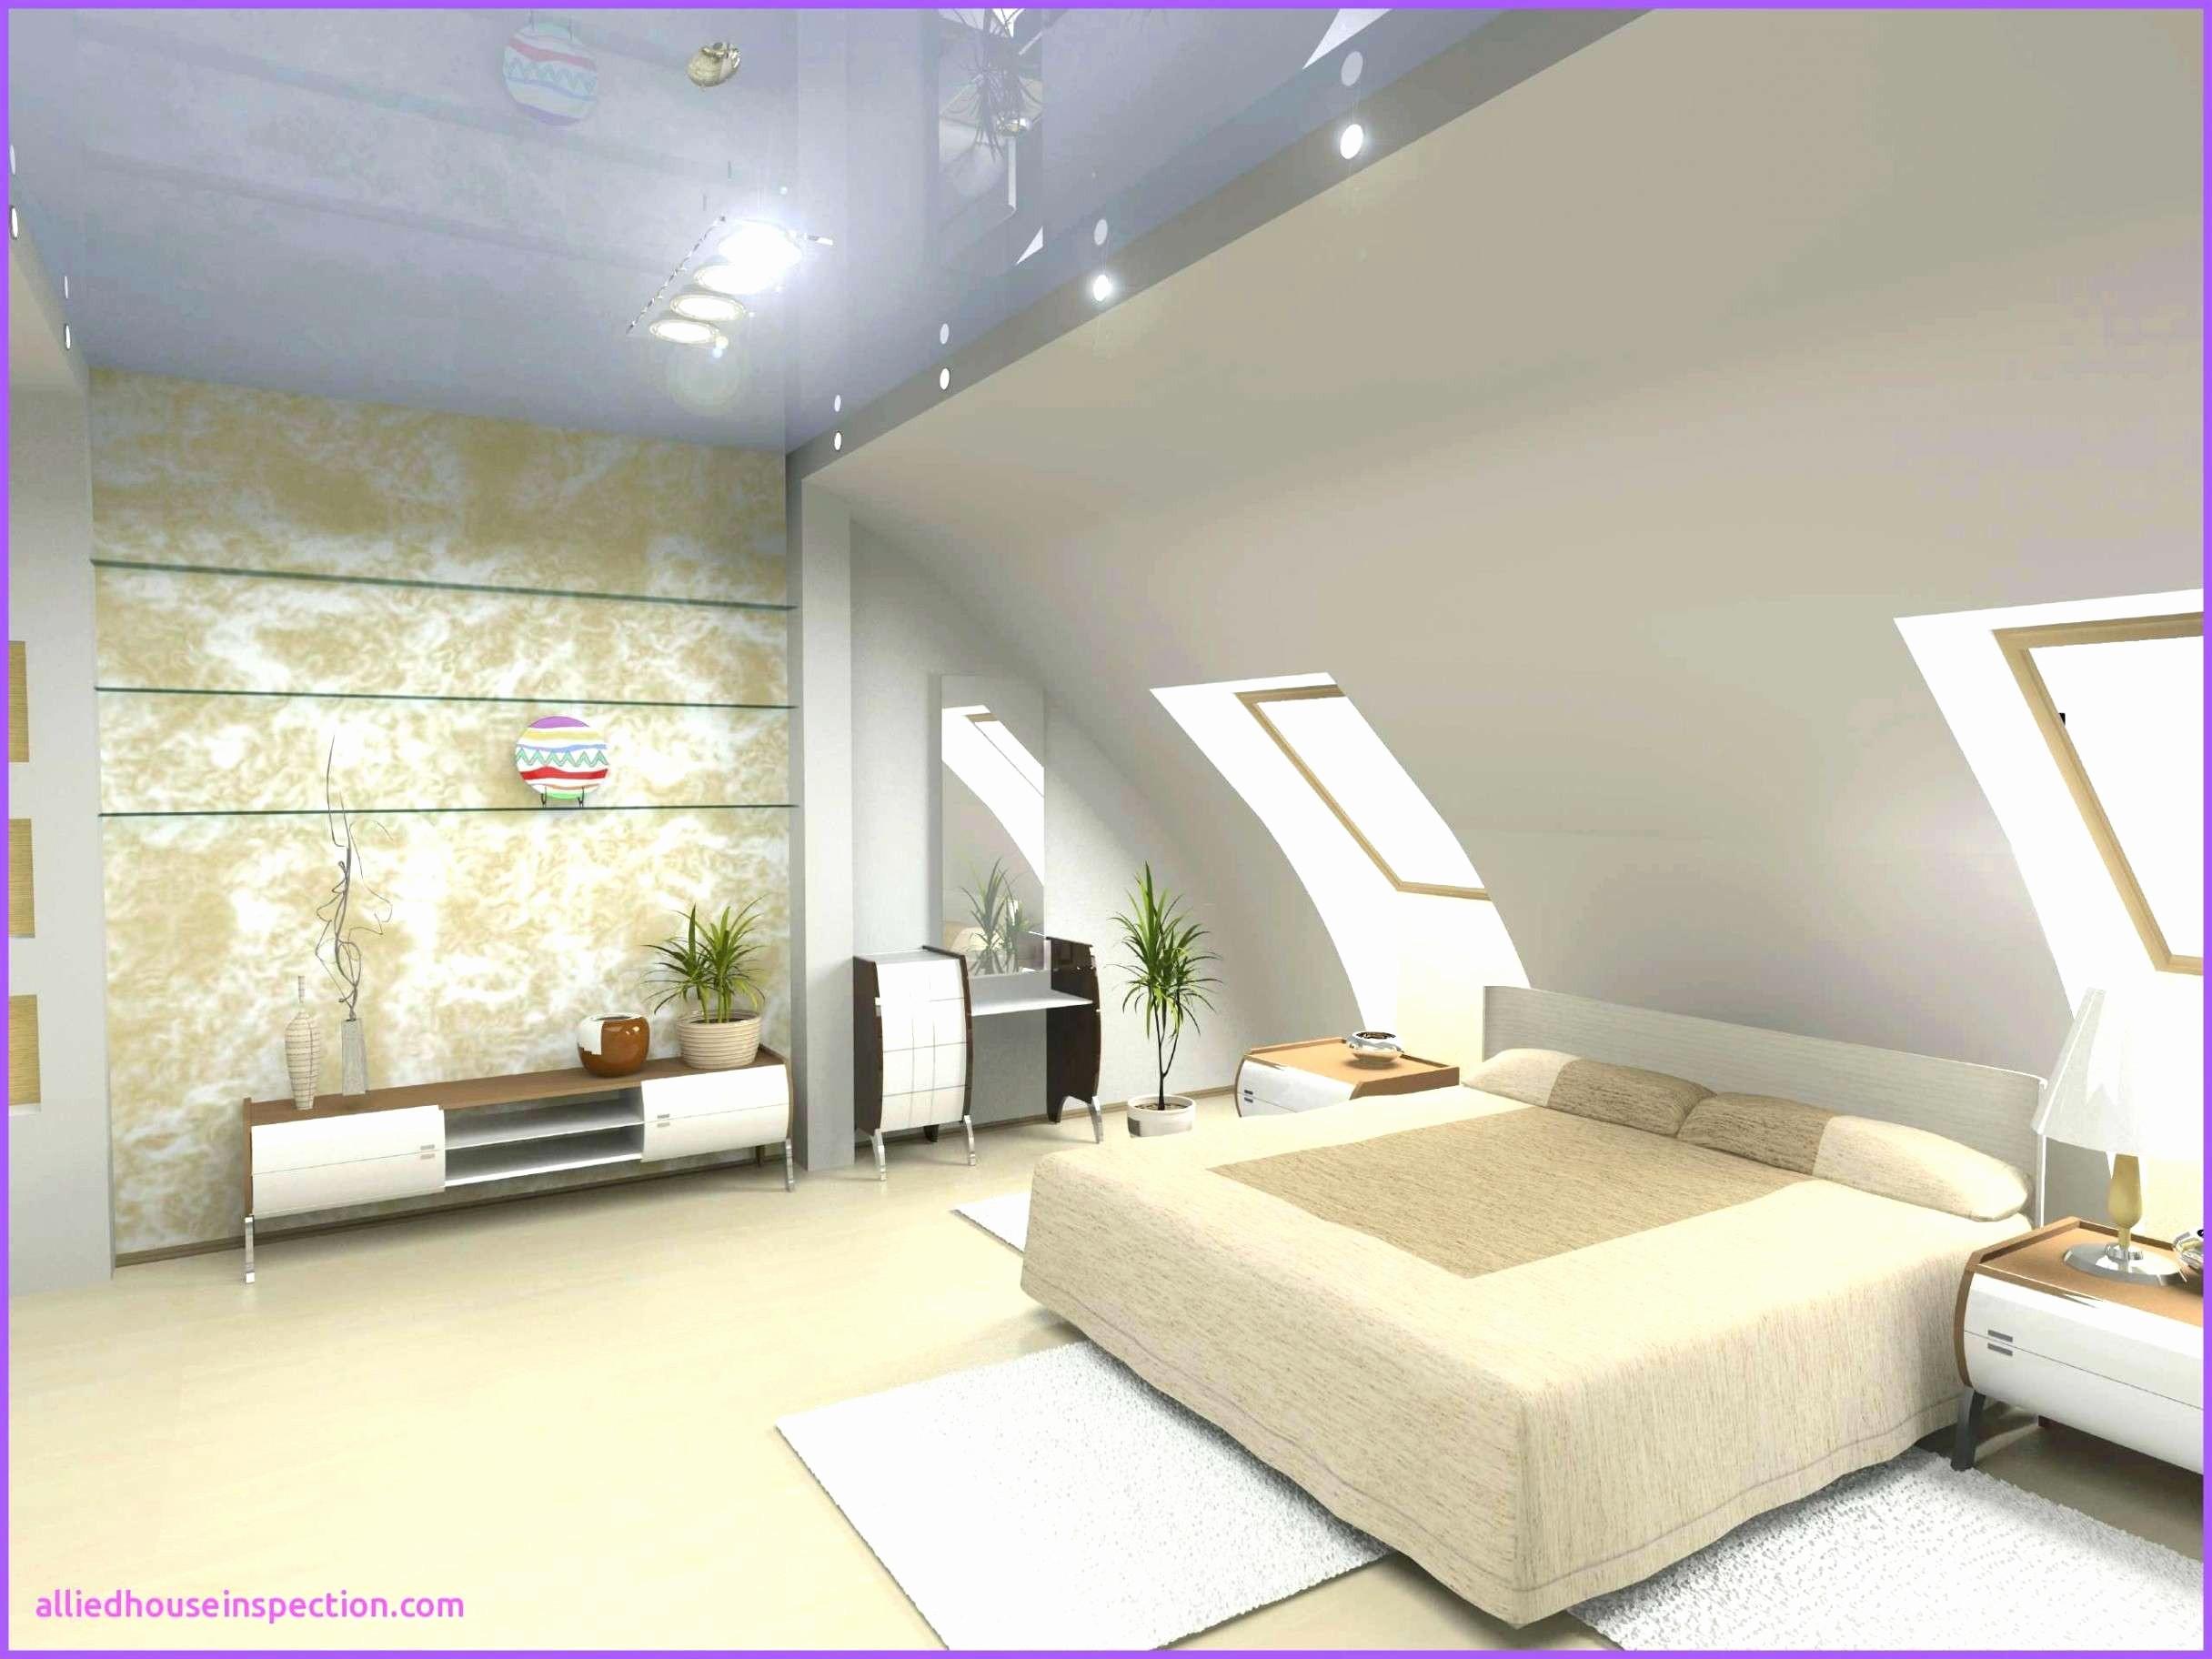 weltkarte wohnzimmer inspirierend luxus wohnzimmer modern elegant weltkarte wanddeko 80 luxus wanddeko